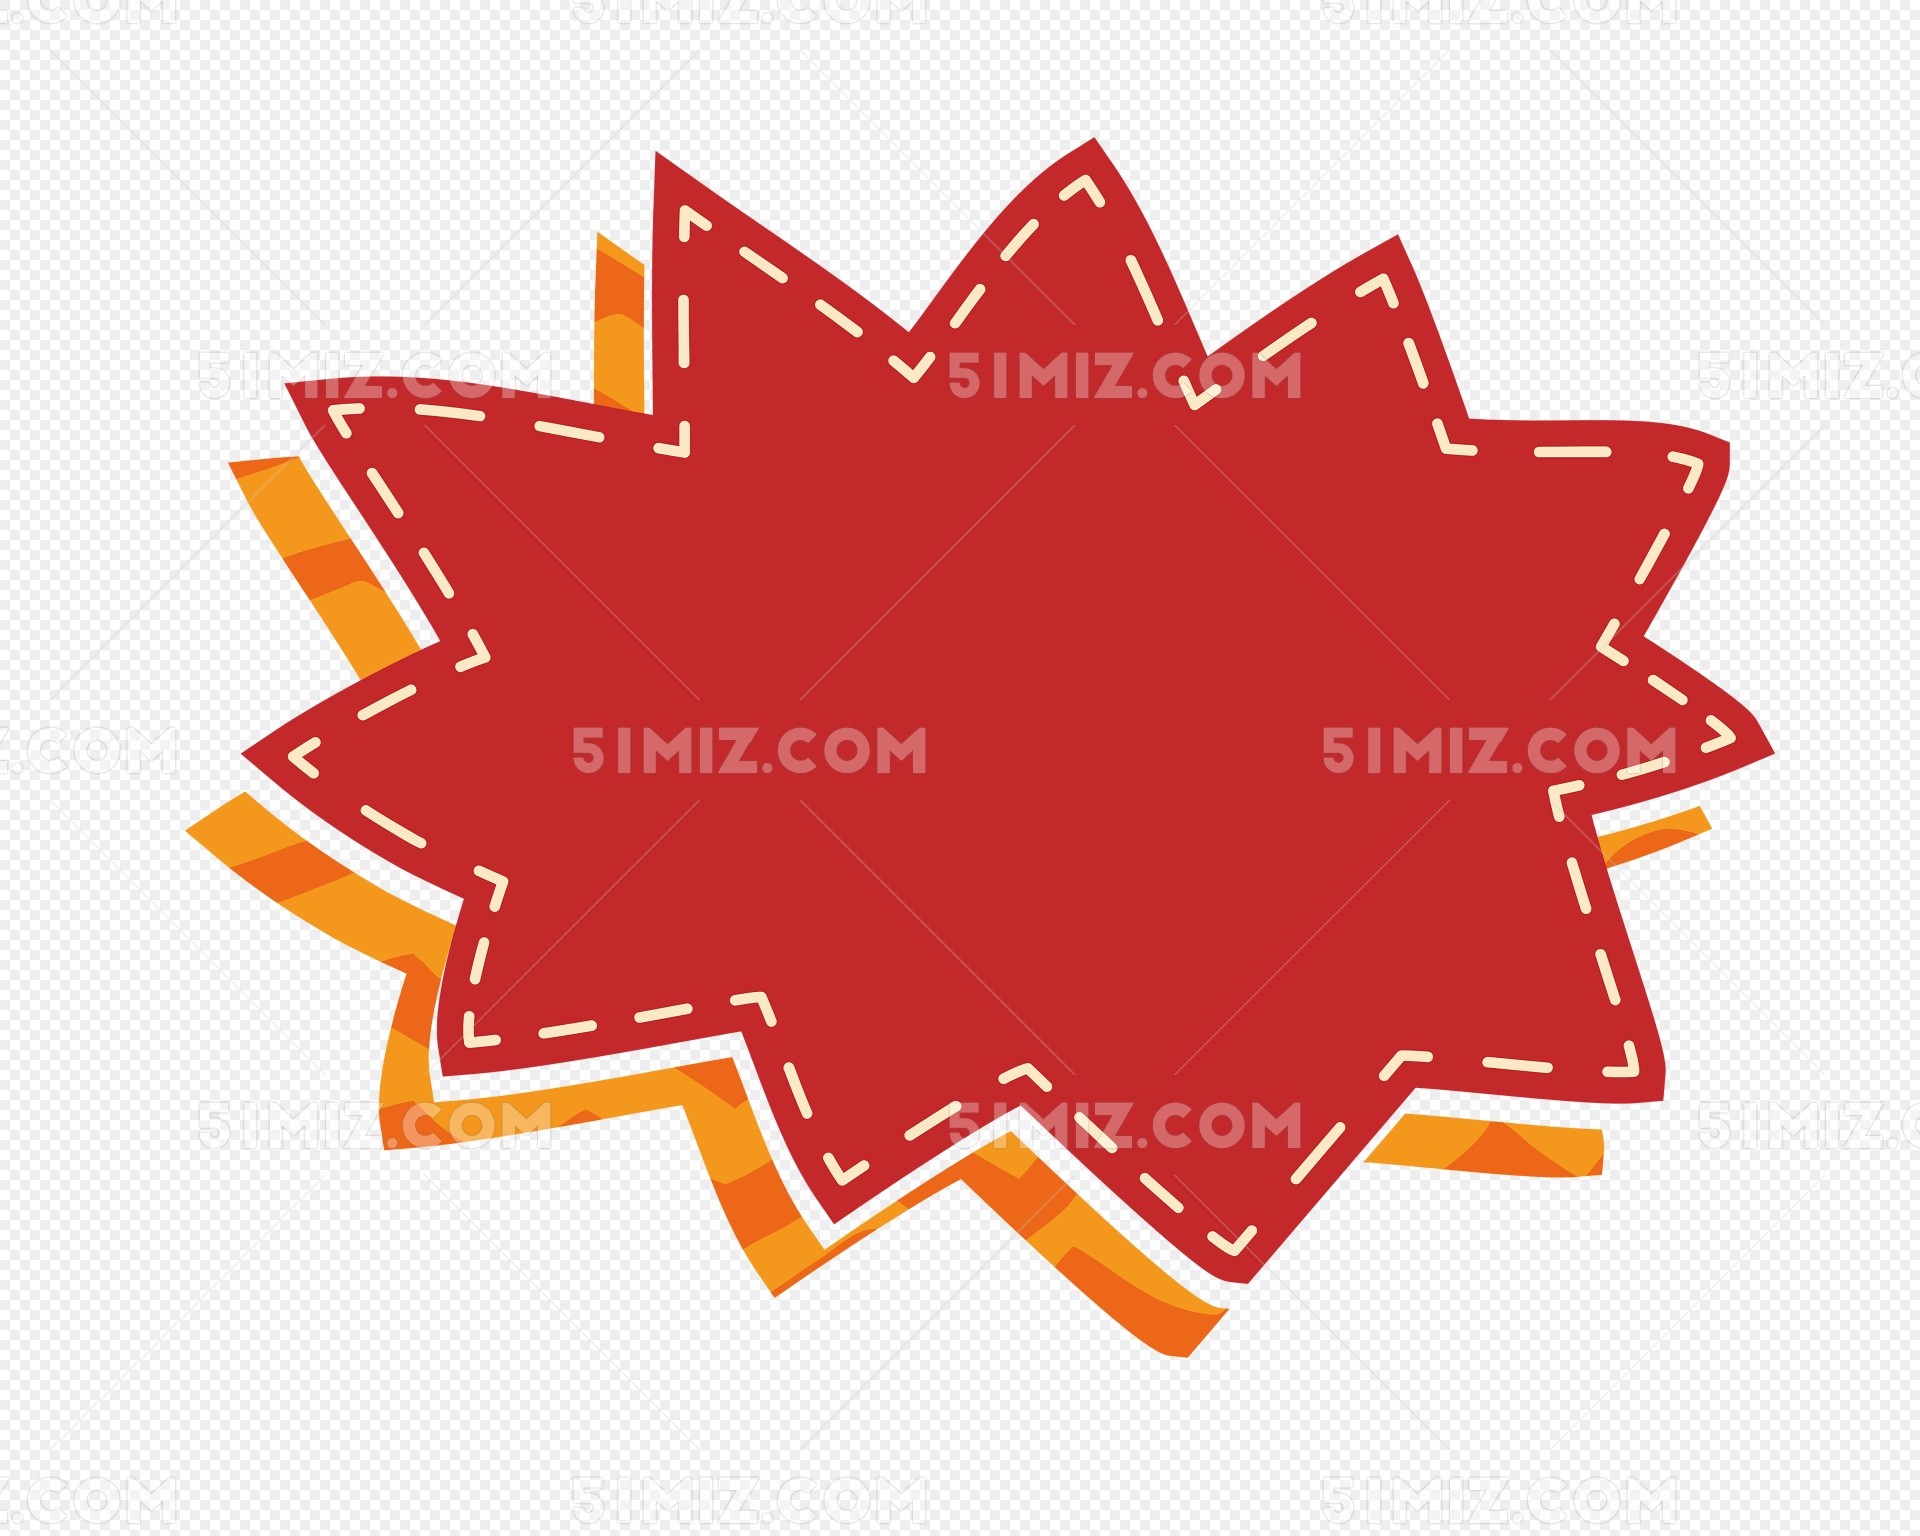 锯齿红色爆炸贴图片素材免费下载_觅知网